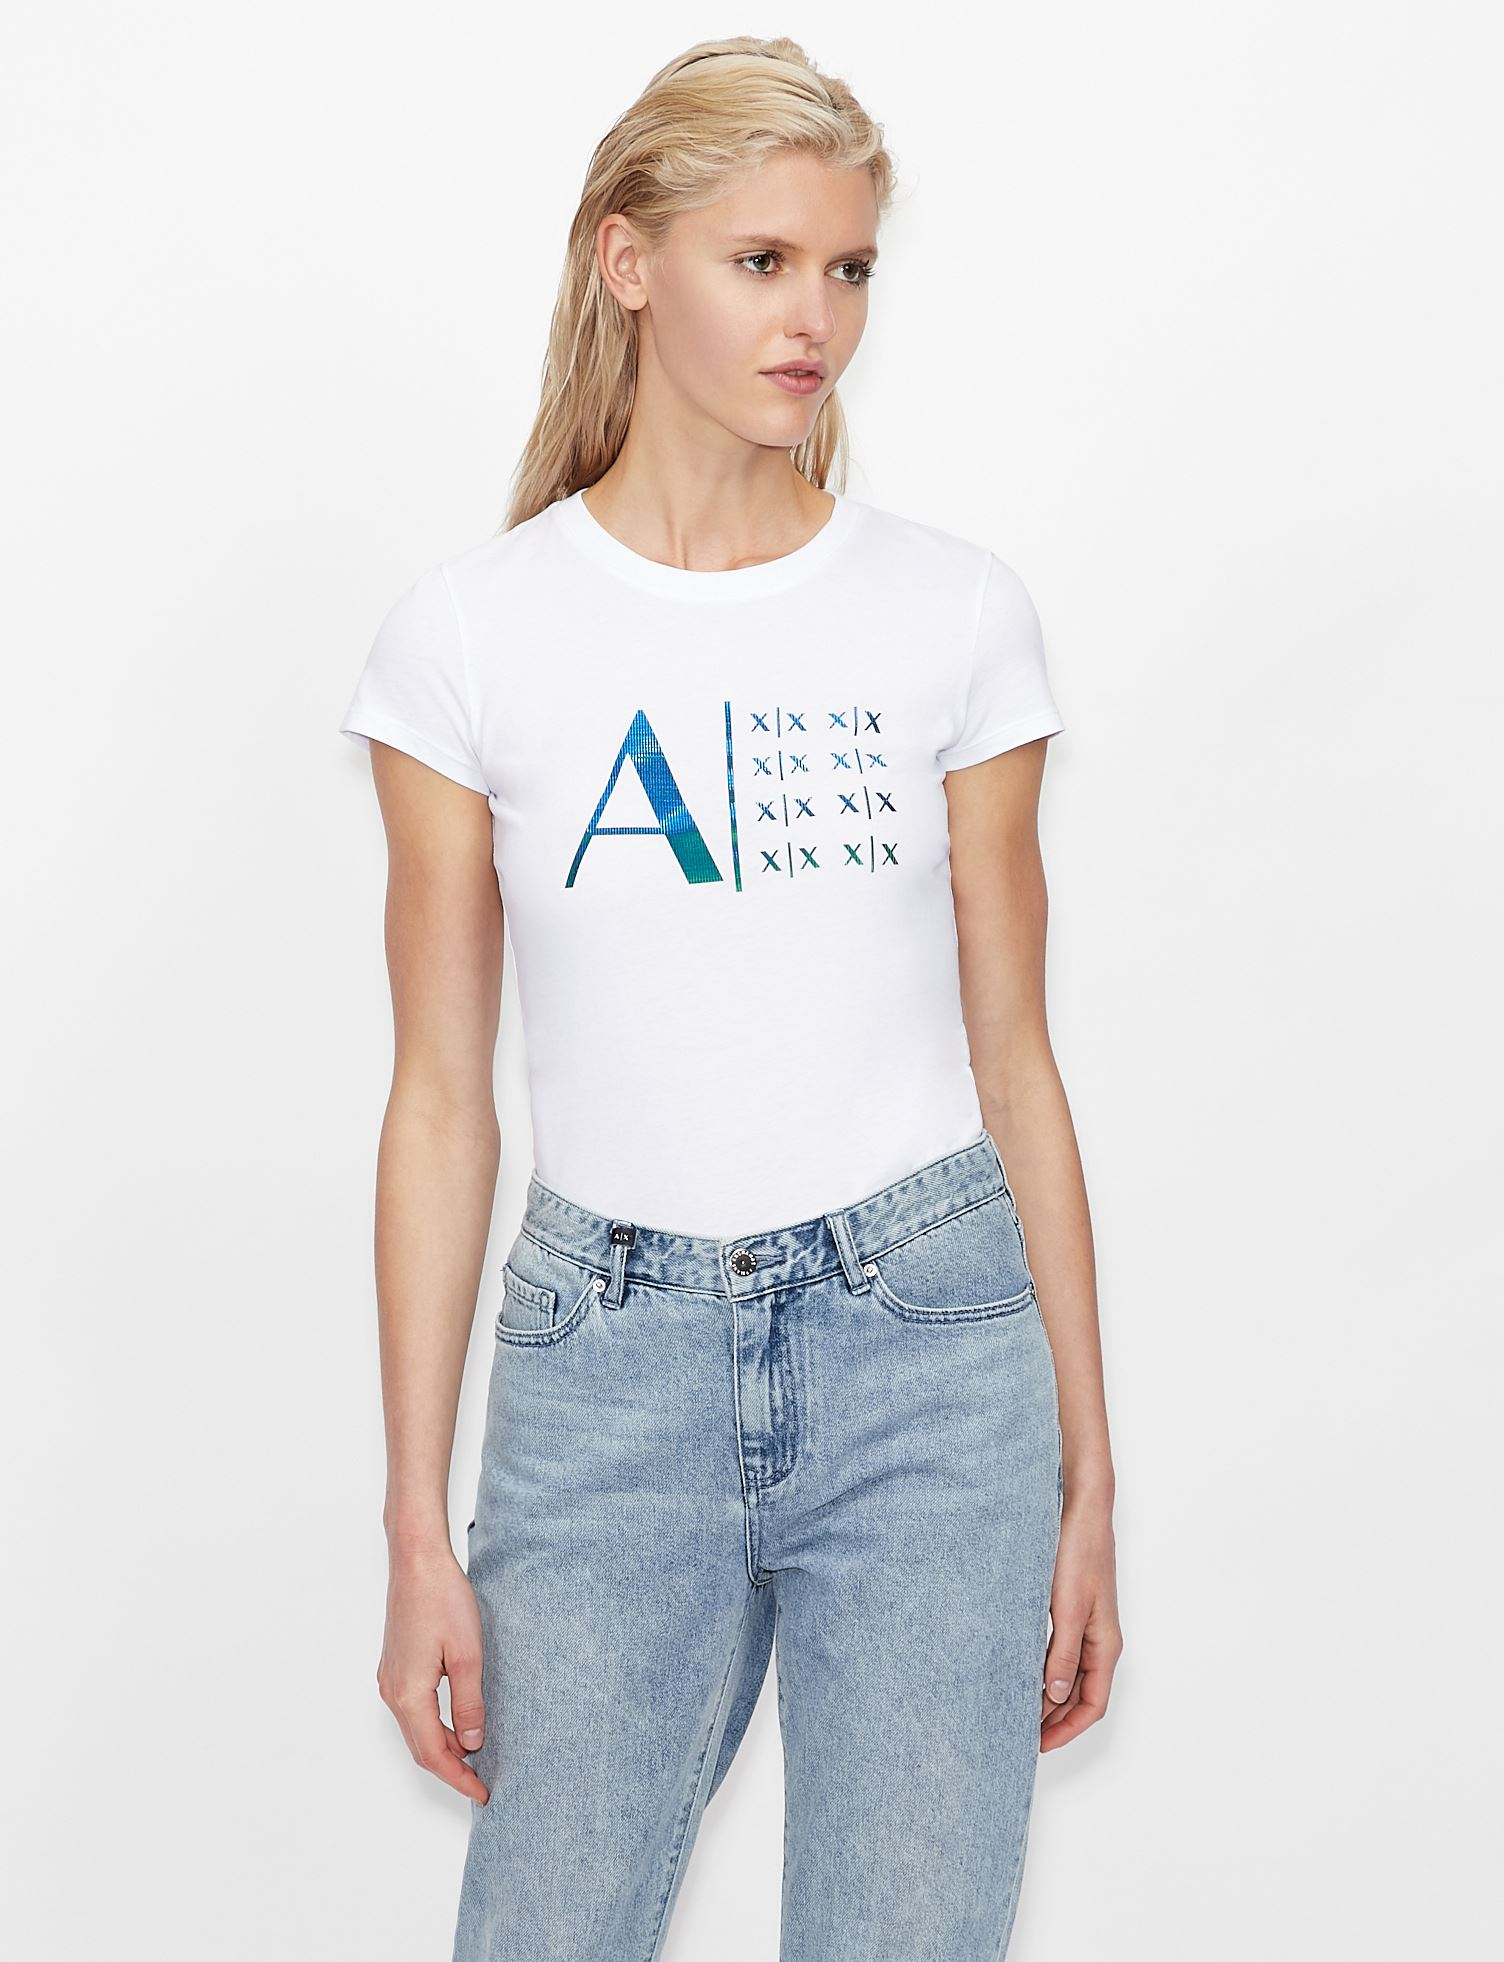 T-shirt Armani Exchange ARMANI EXCHANGE   T-shirt   3KYTGS-YJ73Z1000